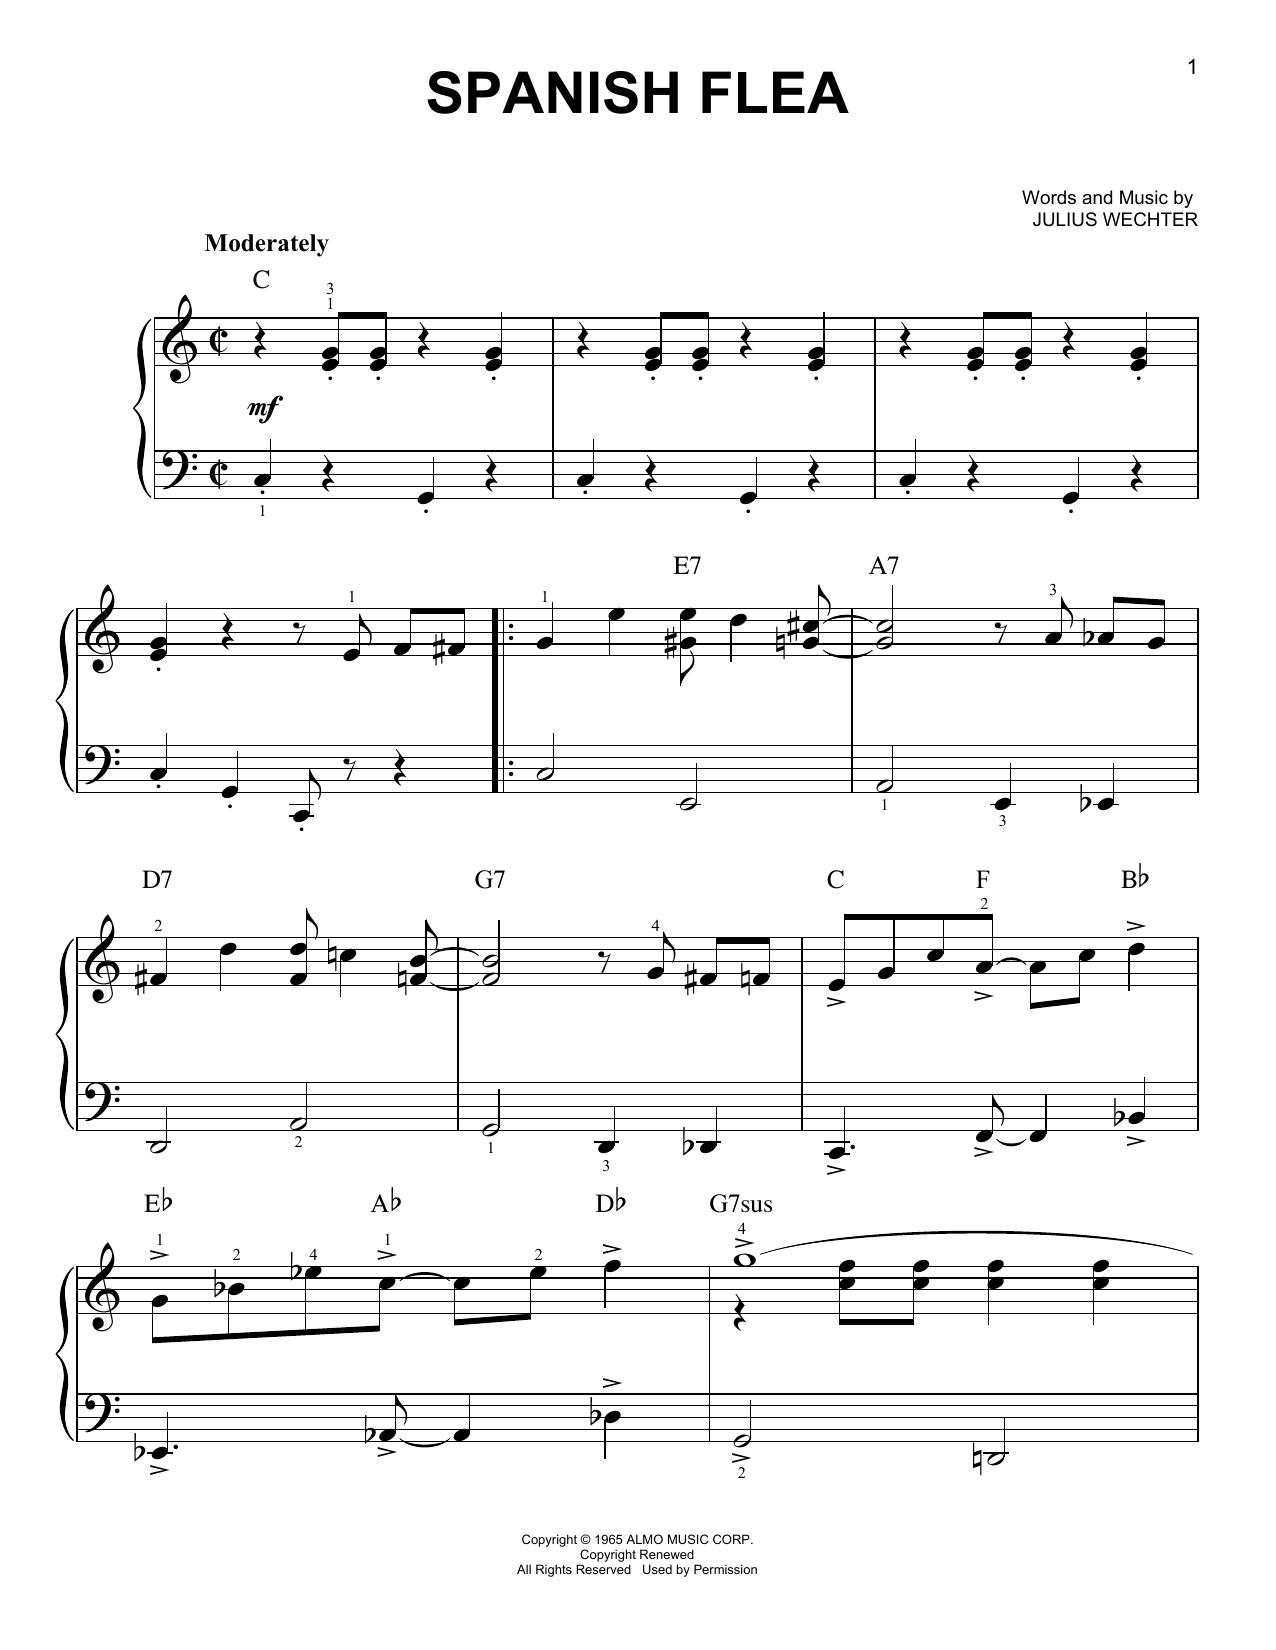 Spanish Flea (Easy Piano)